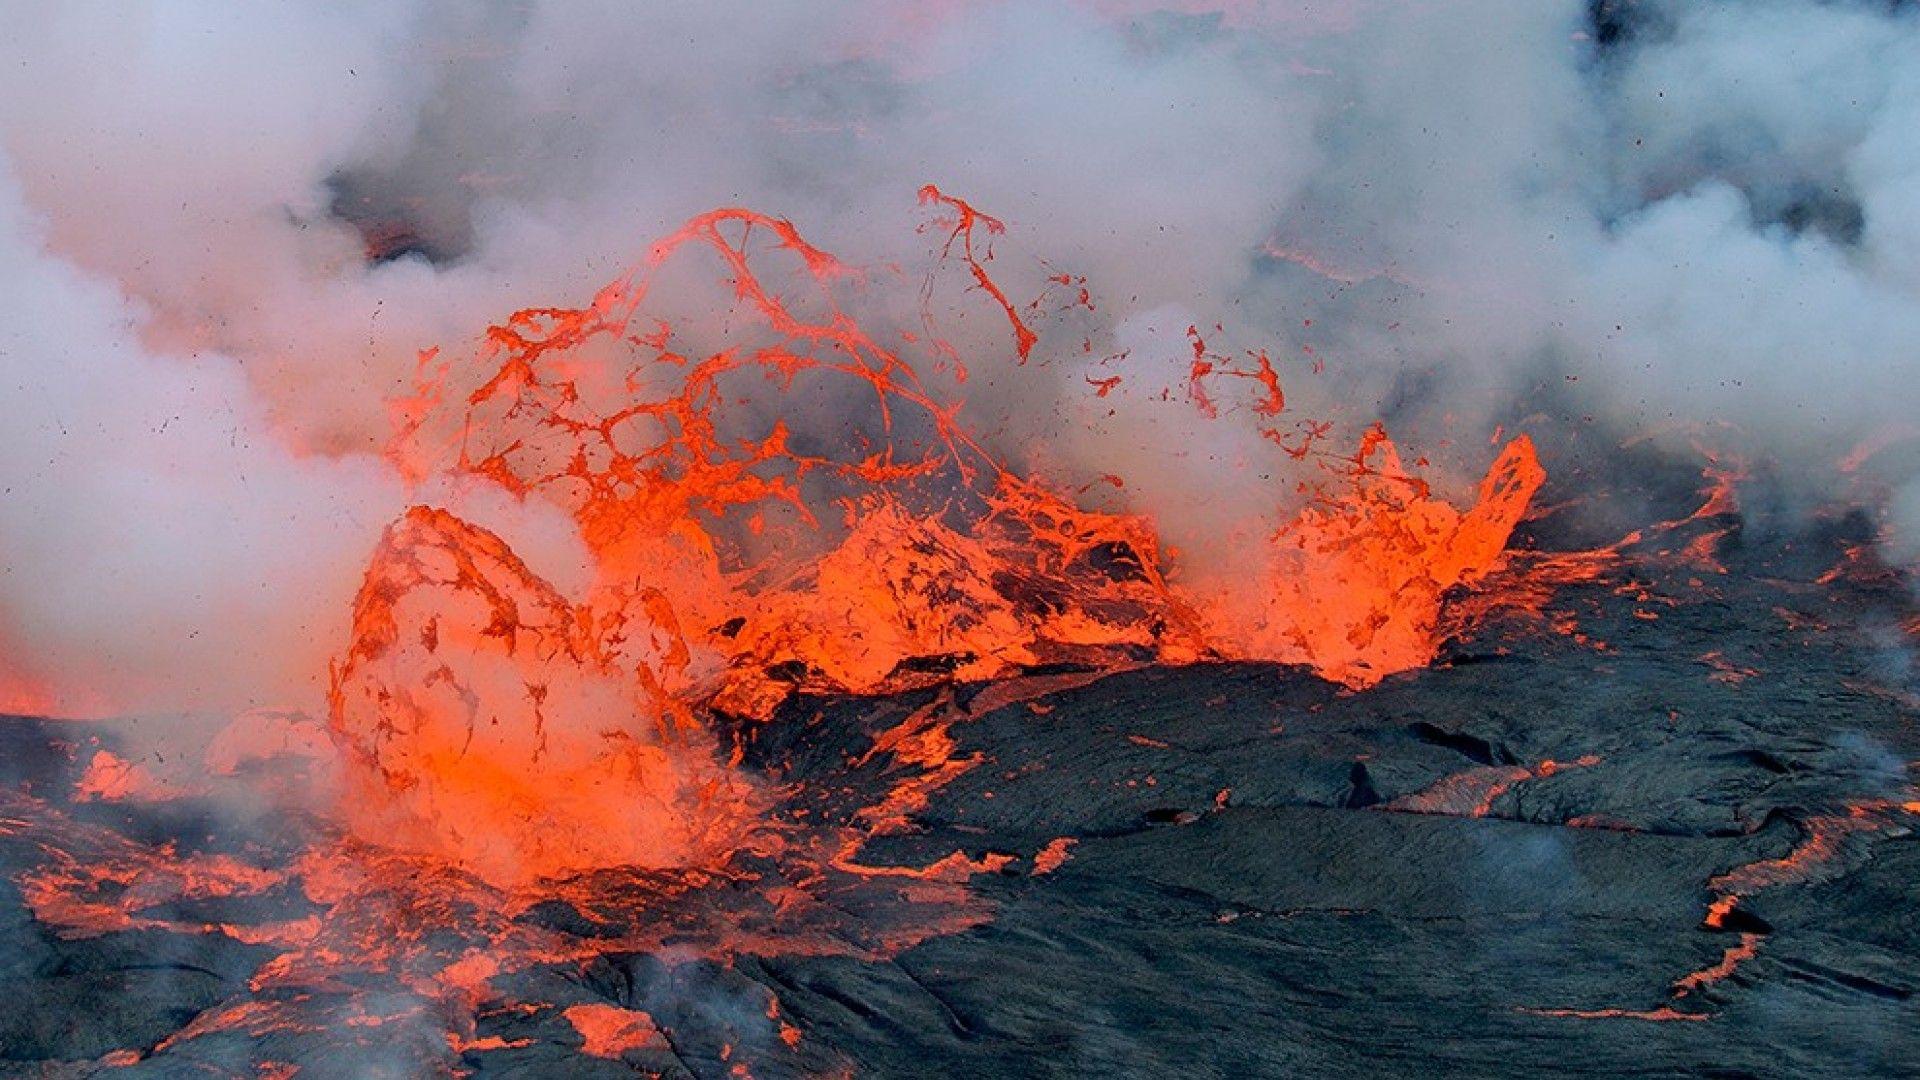 lava images hd